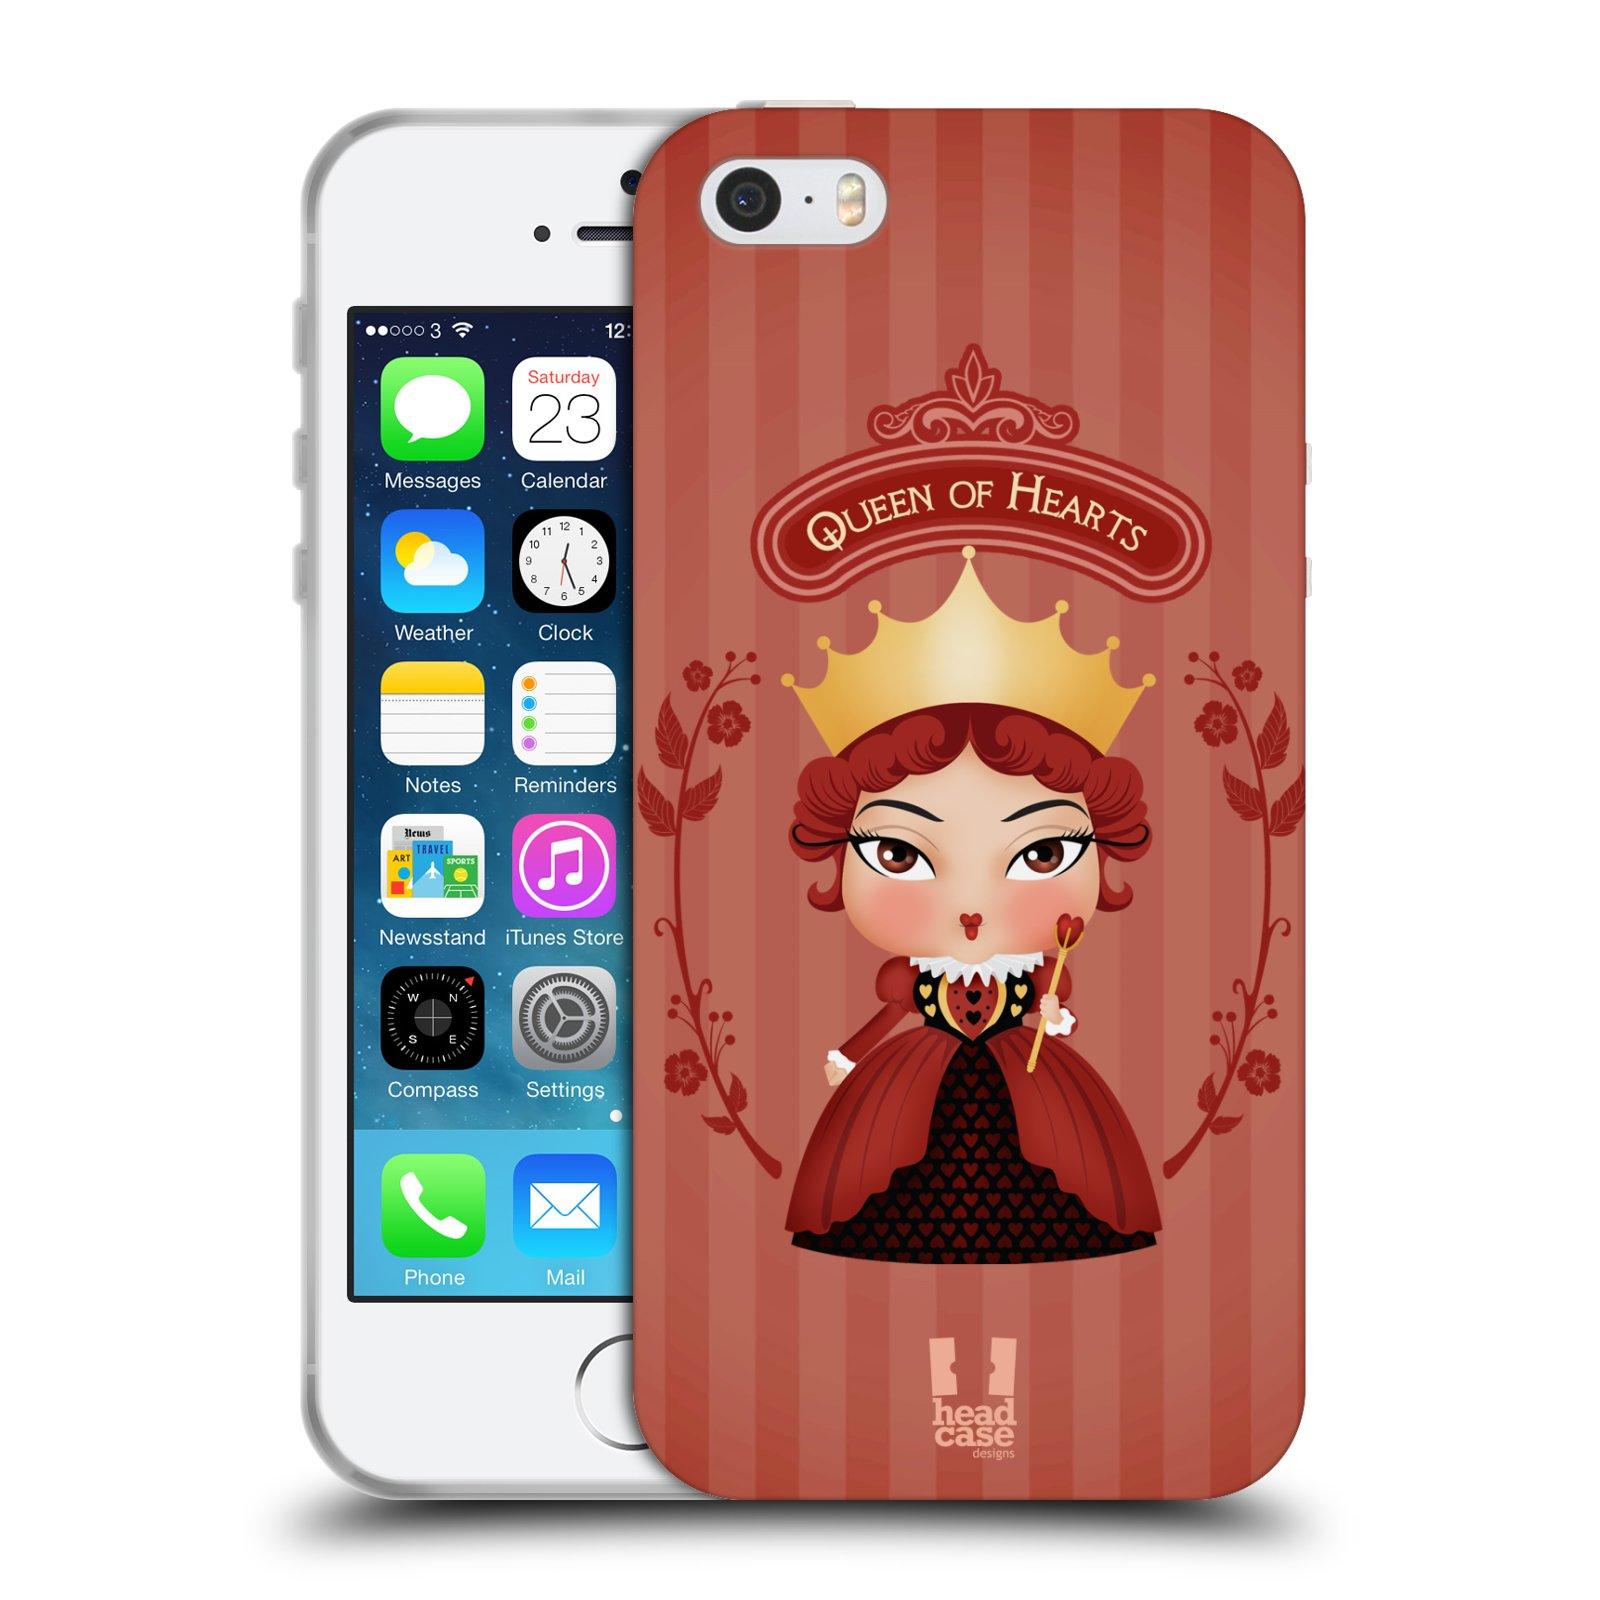 HEAD CASE silikonový obal na mobil Apple Iphone 5/5S vzor Alenka v říši divů královna